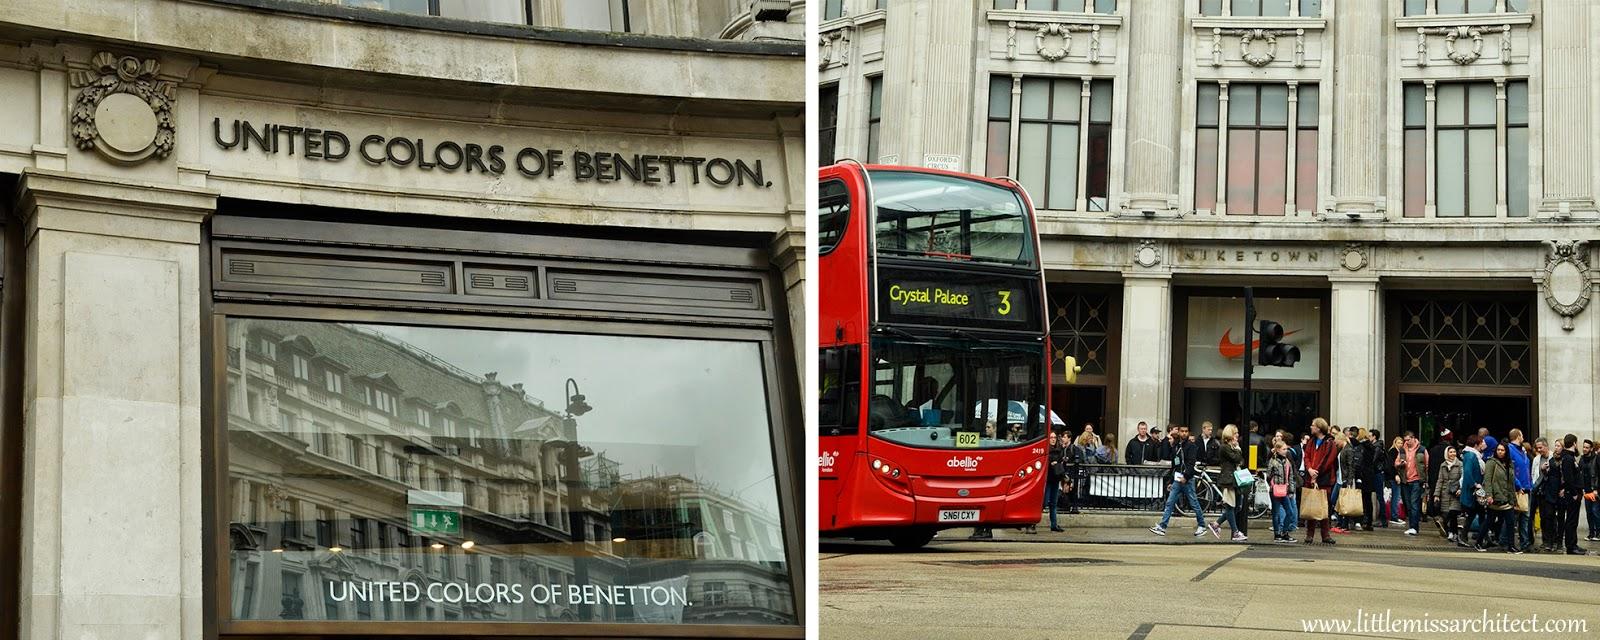 architektura w Londynie, atrakcje Londynu, Londyn zdjęcia